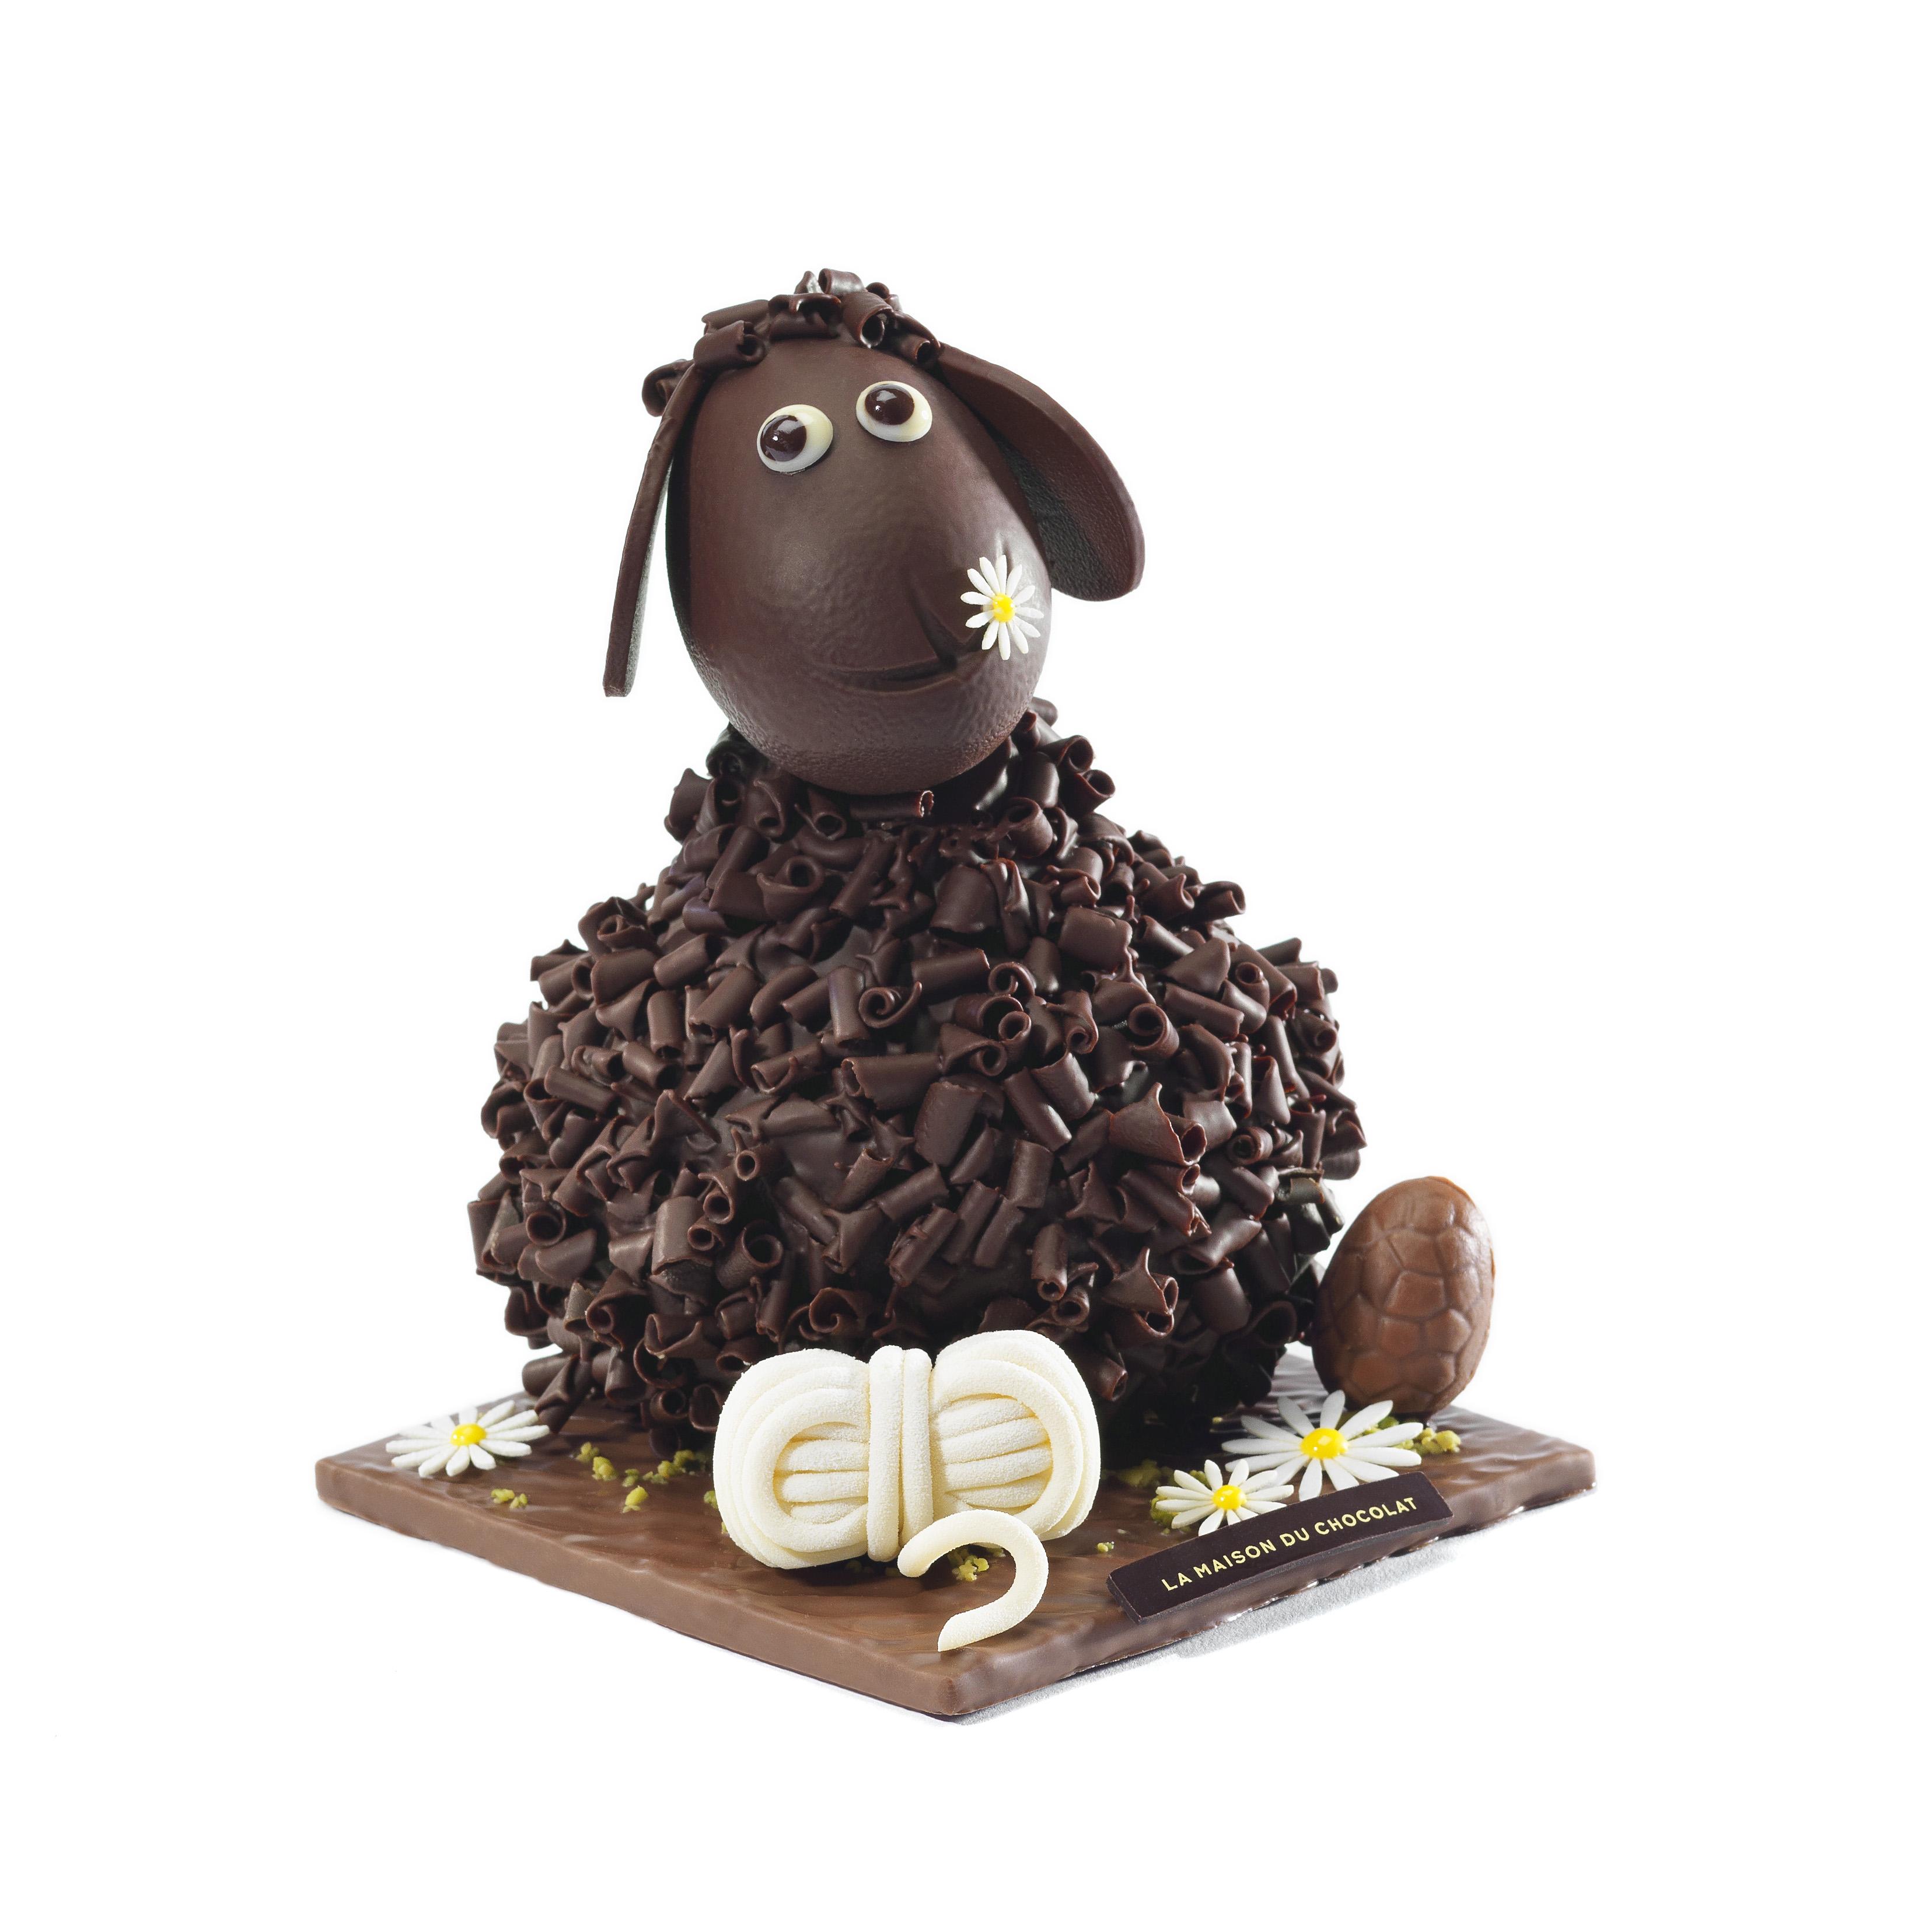 Chocolat noir paques 2013 la maison du chocolat luxsure - Chocolat de paques pas cher ...